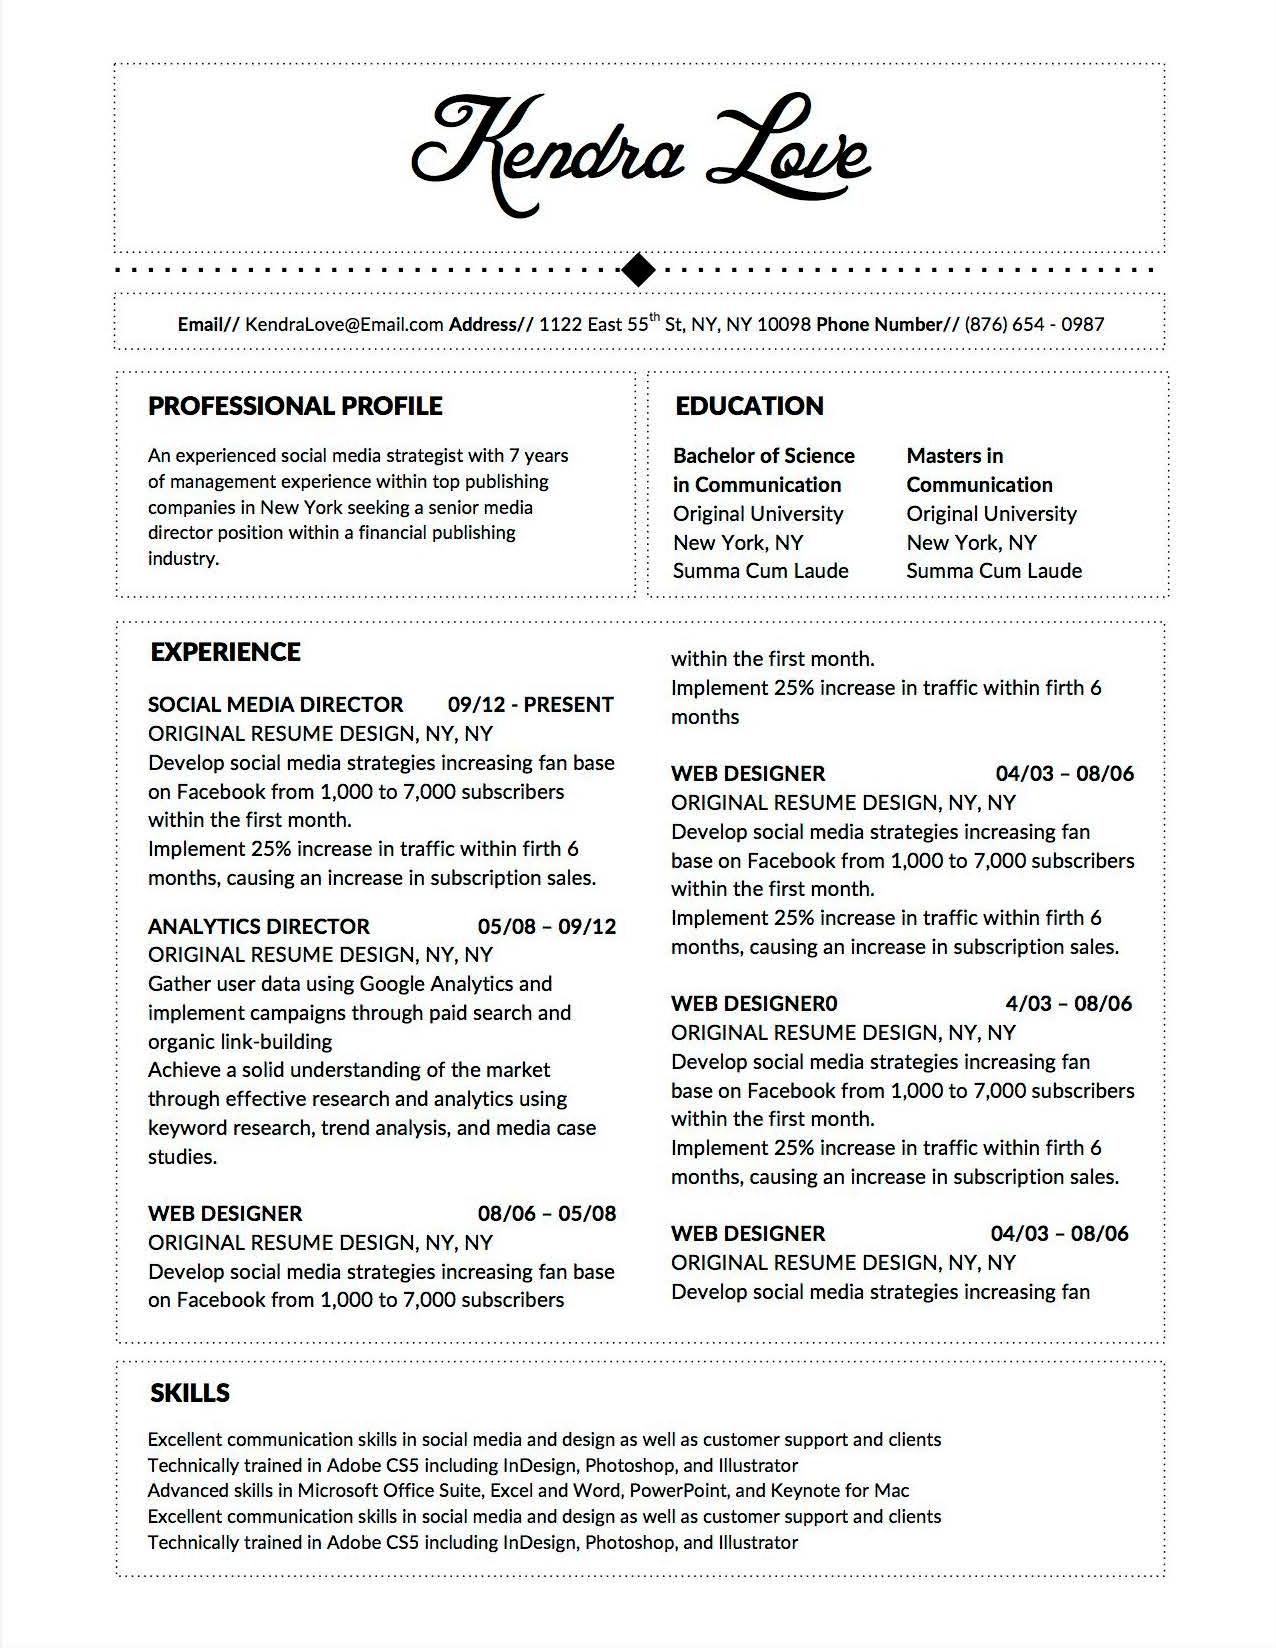 fancy cv job descriptions